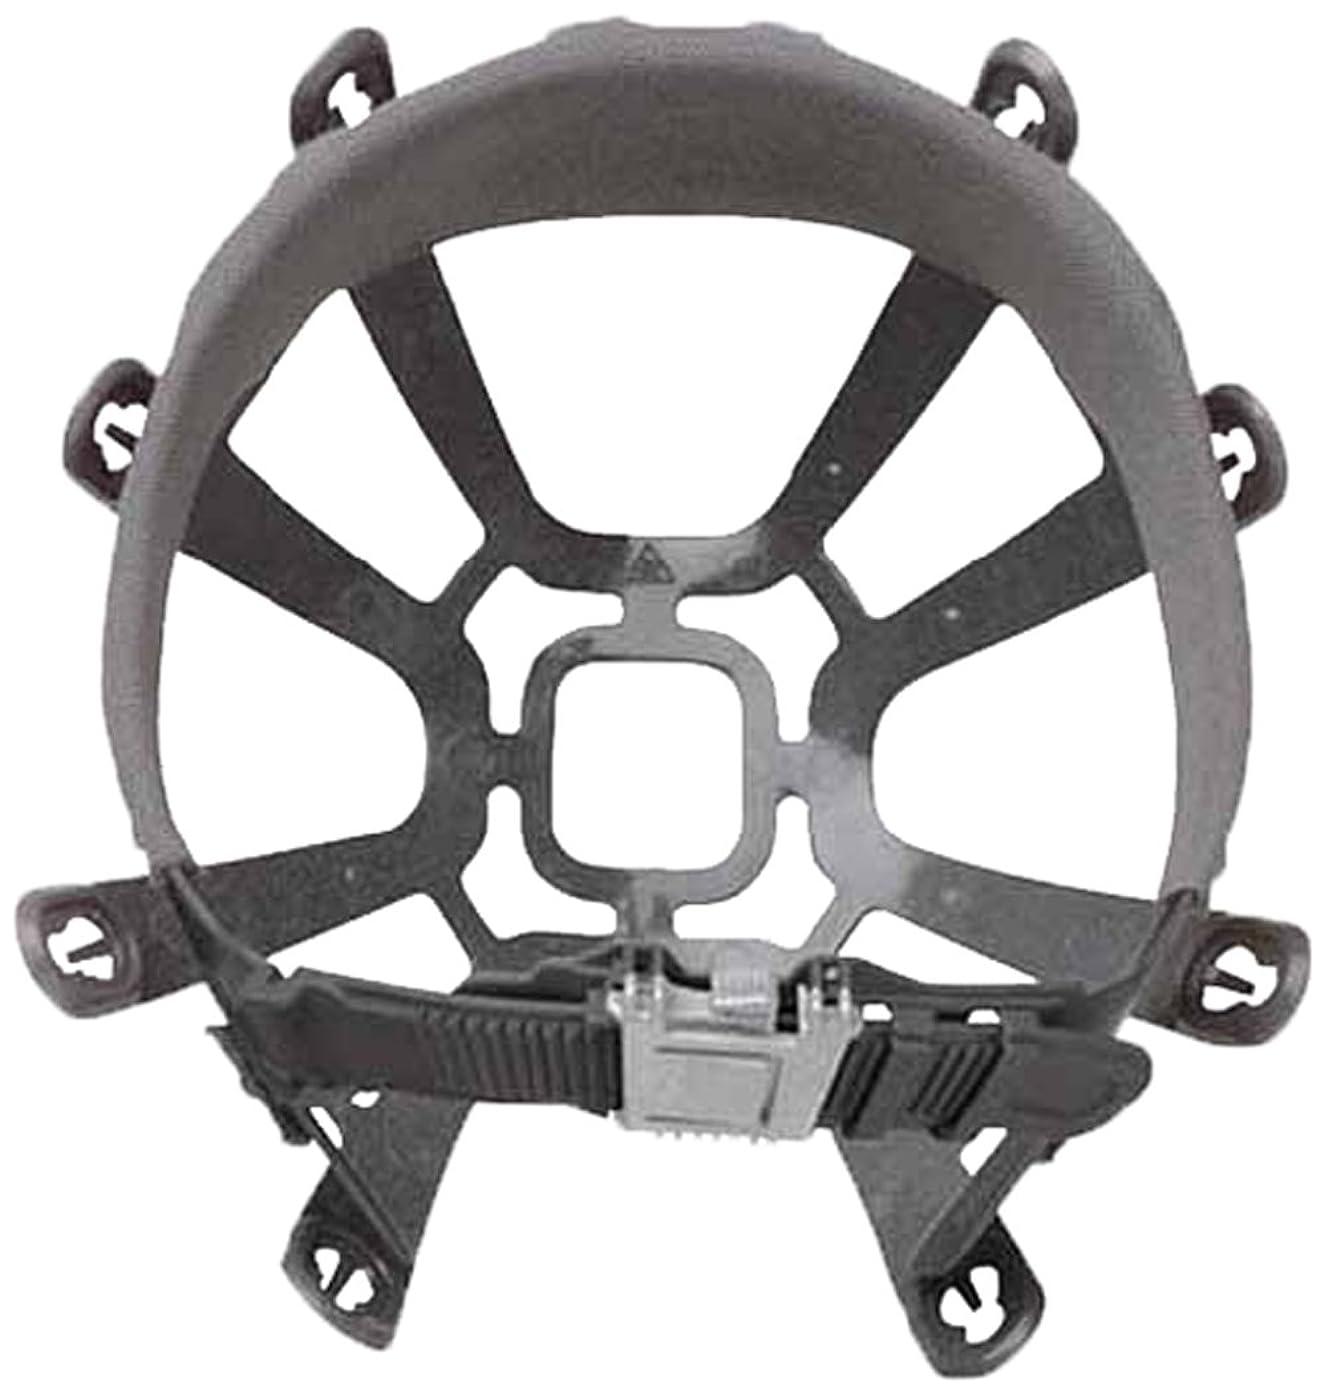 曲線マイナス一貫したミドリ安全 ヘルメット 内装一式 FP-2QRA 4007012119